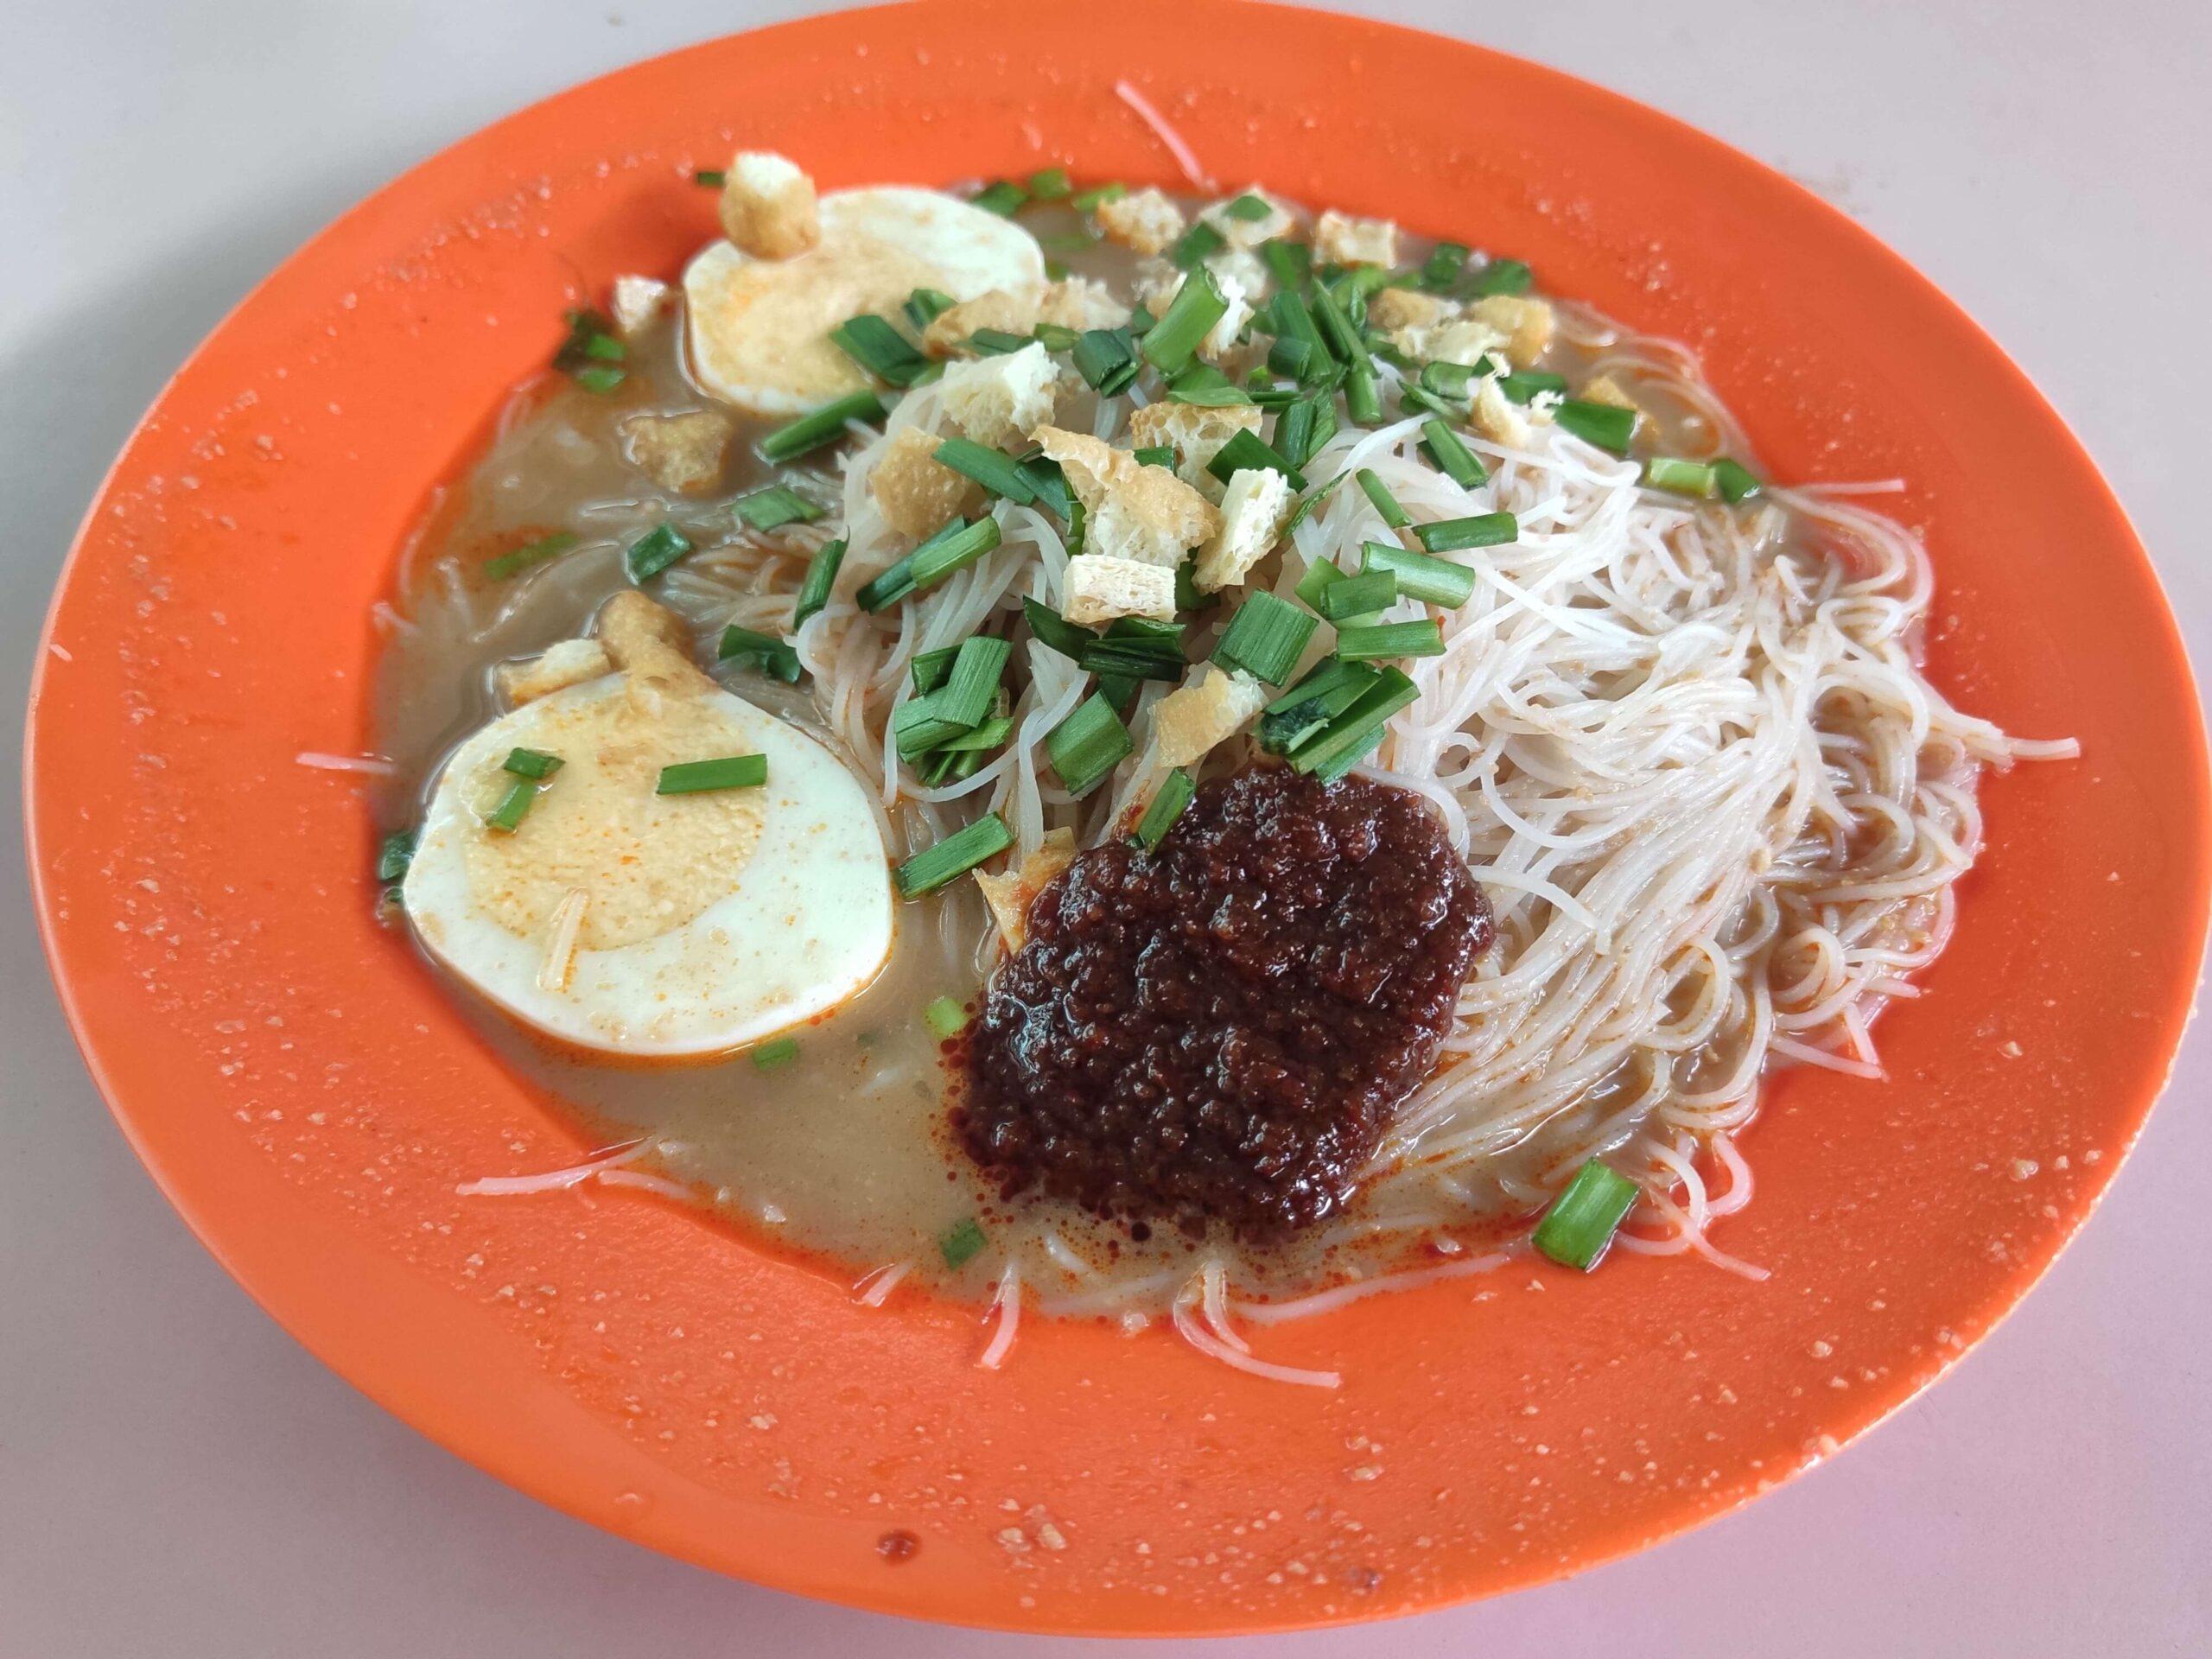 Robert Mee Siam: Mee Siam